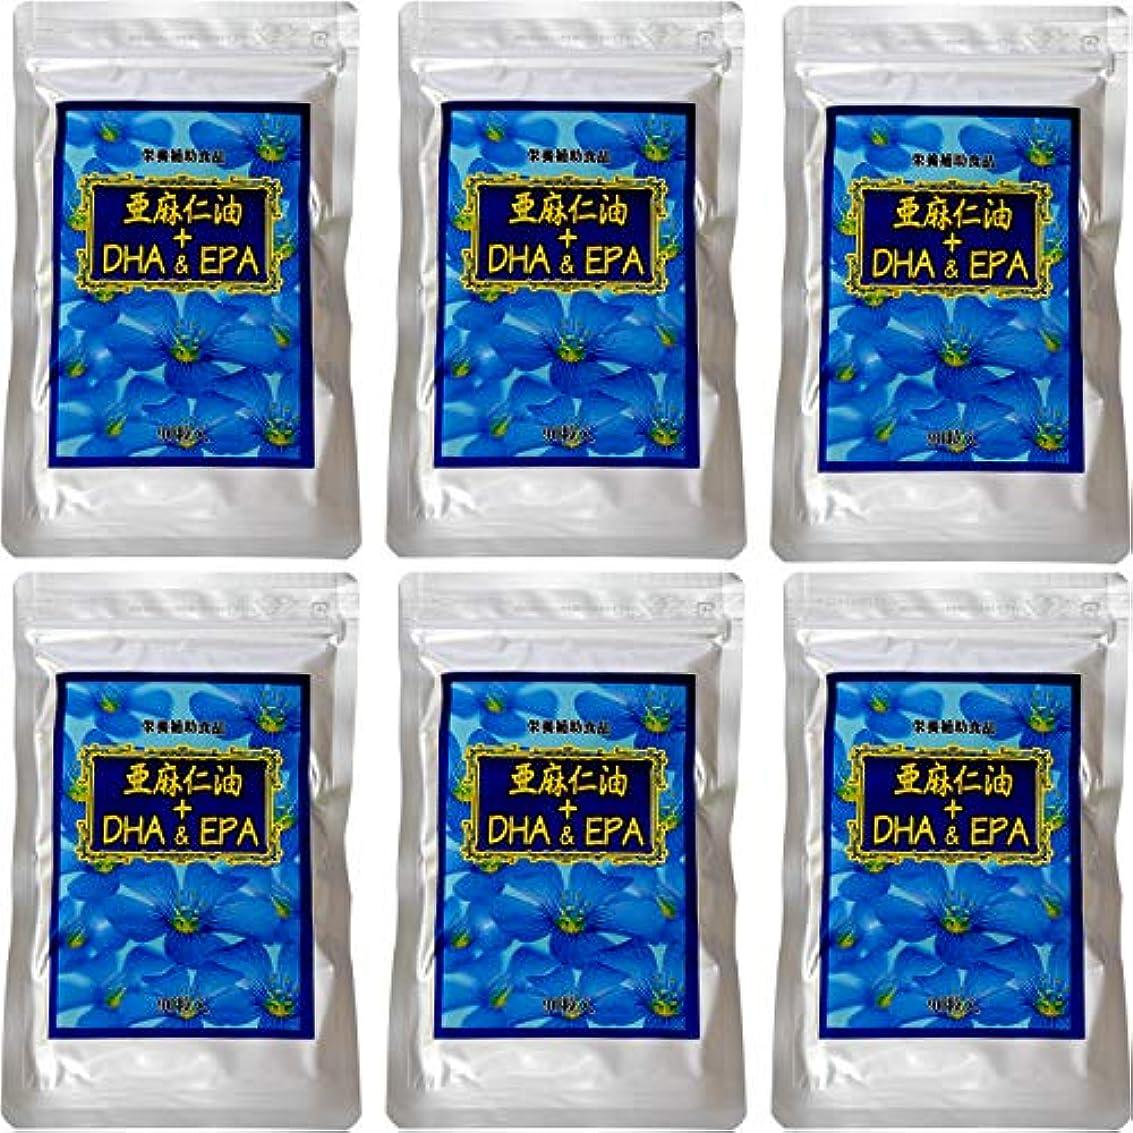 メロンバイパス見込みメディワン 亜麻仁油+DHA&EPA 90粒 【6袋セット】 栄養補助食品